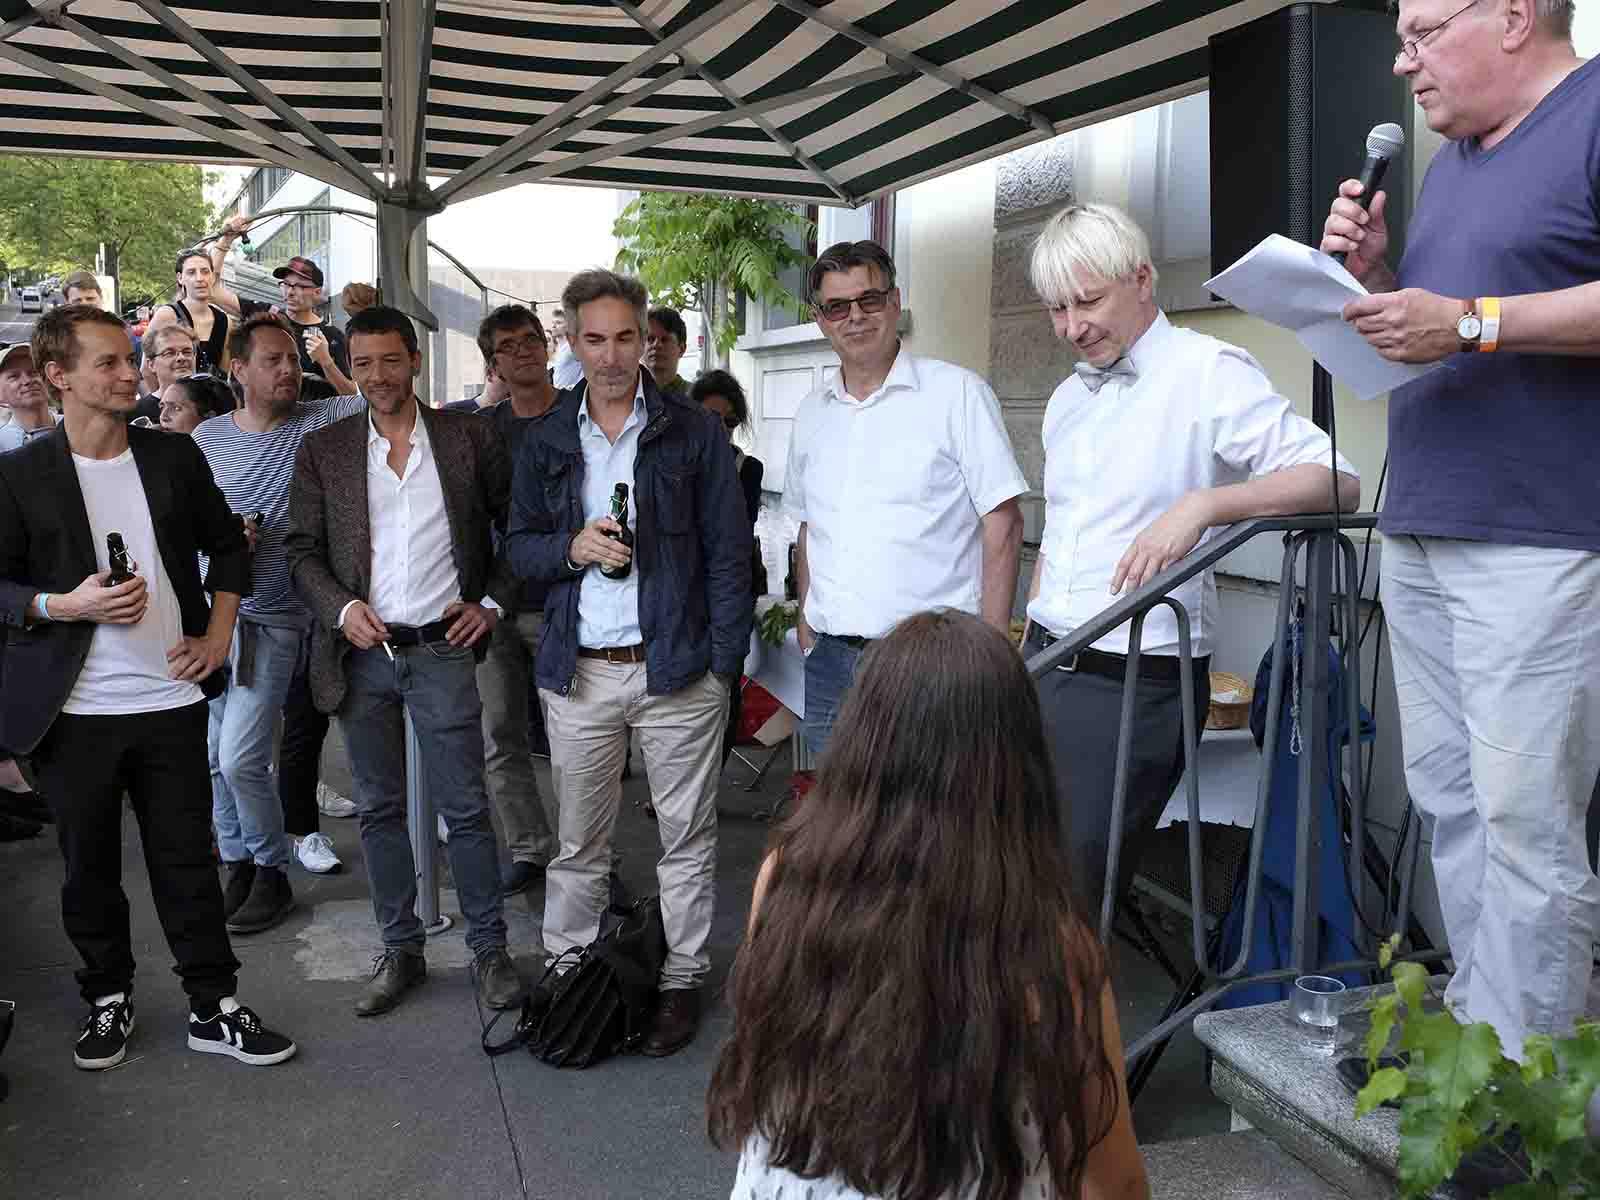 Das Nordbrüggli-Dream-Team (v.l.n.r.) und dazwischen Urs Räbsamen mit der Brille: Felix Haldimann, Marcel Ferri, Dominik Büttiker und Dani Seitz. Ganz rechts Beni Weder, Präsident des QVW, der eine Laudatio hielt.